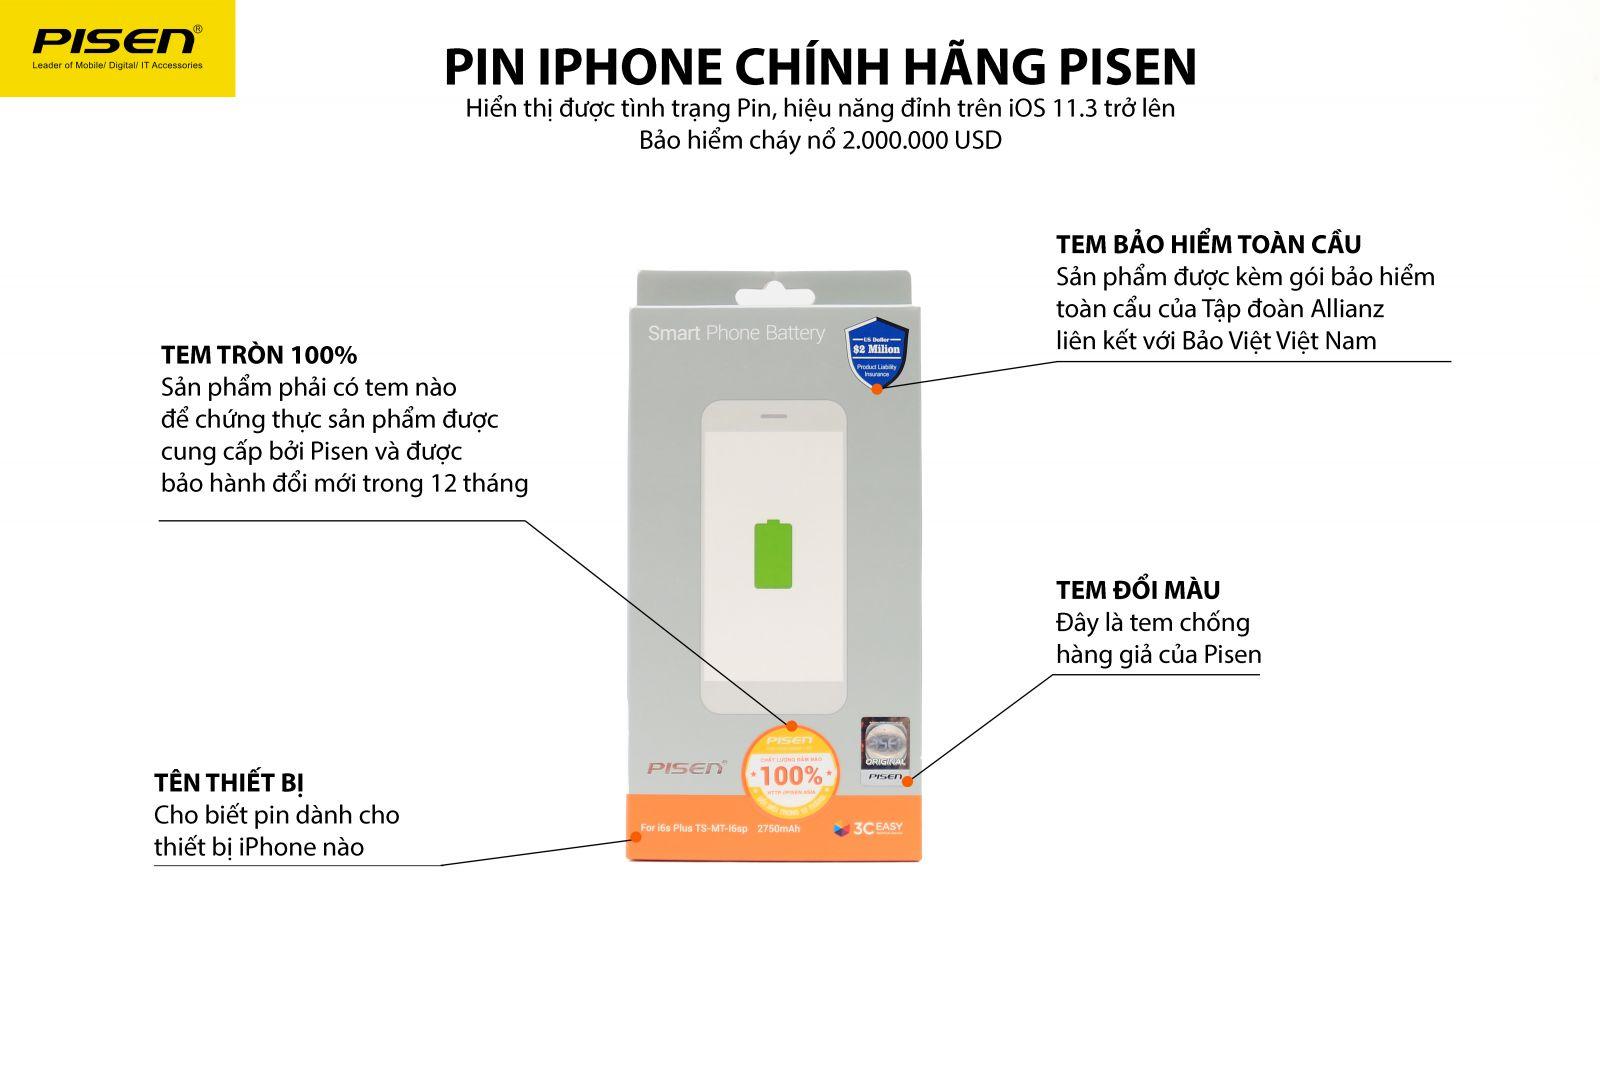 Nhận diện Pin Pisen chính hãng